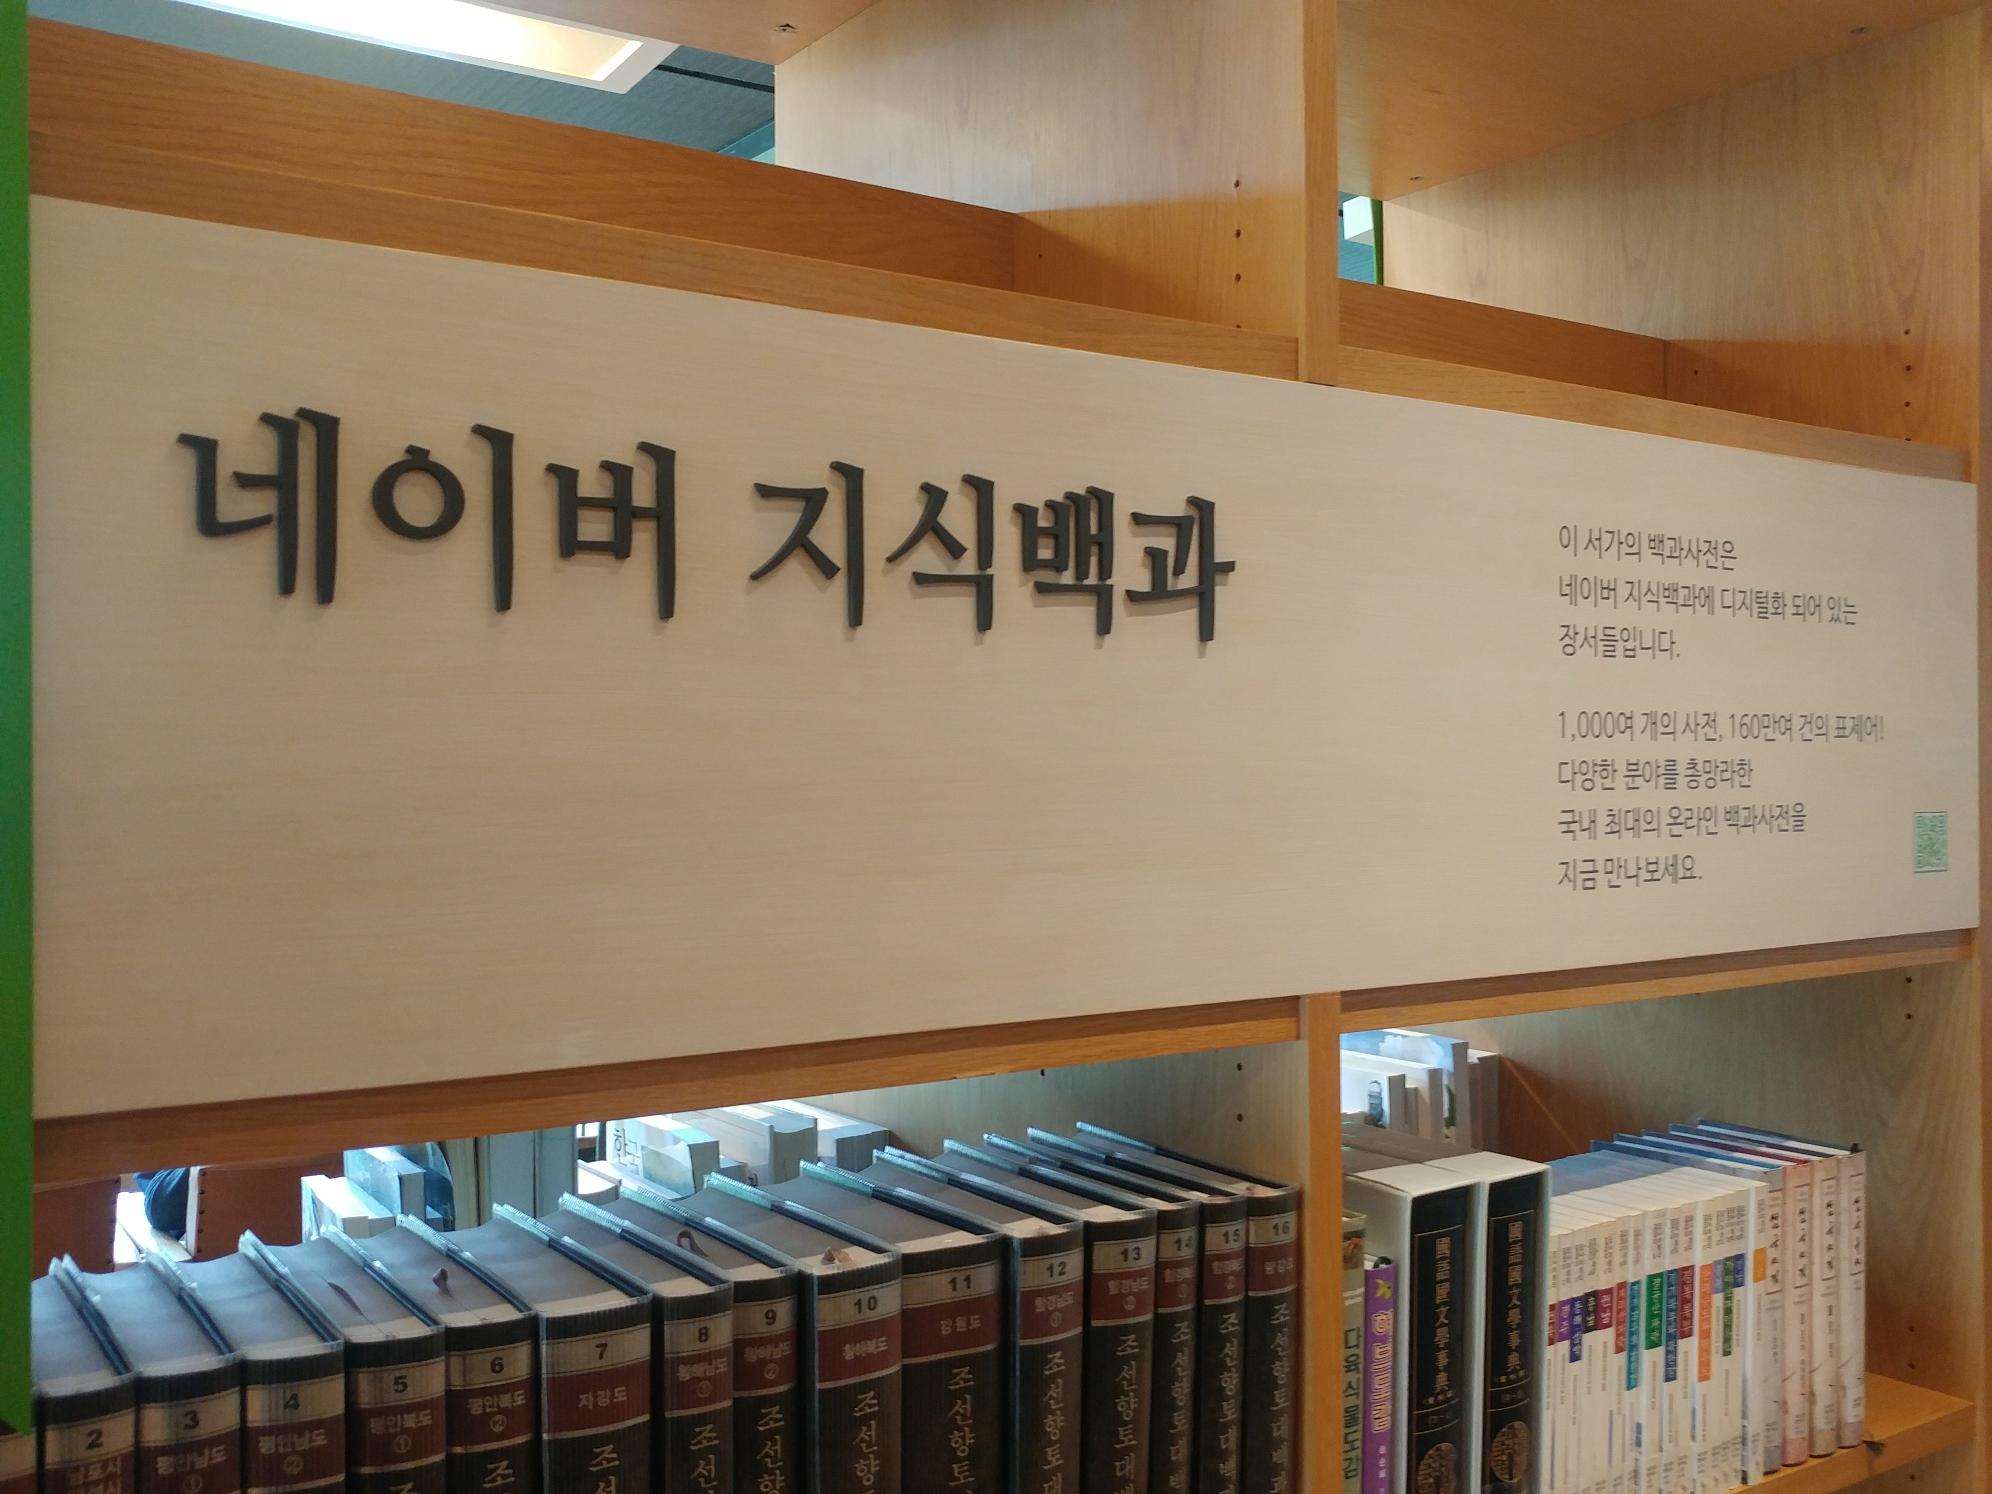 네이버 도서관